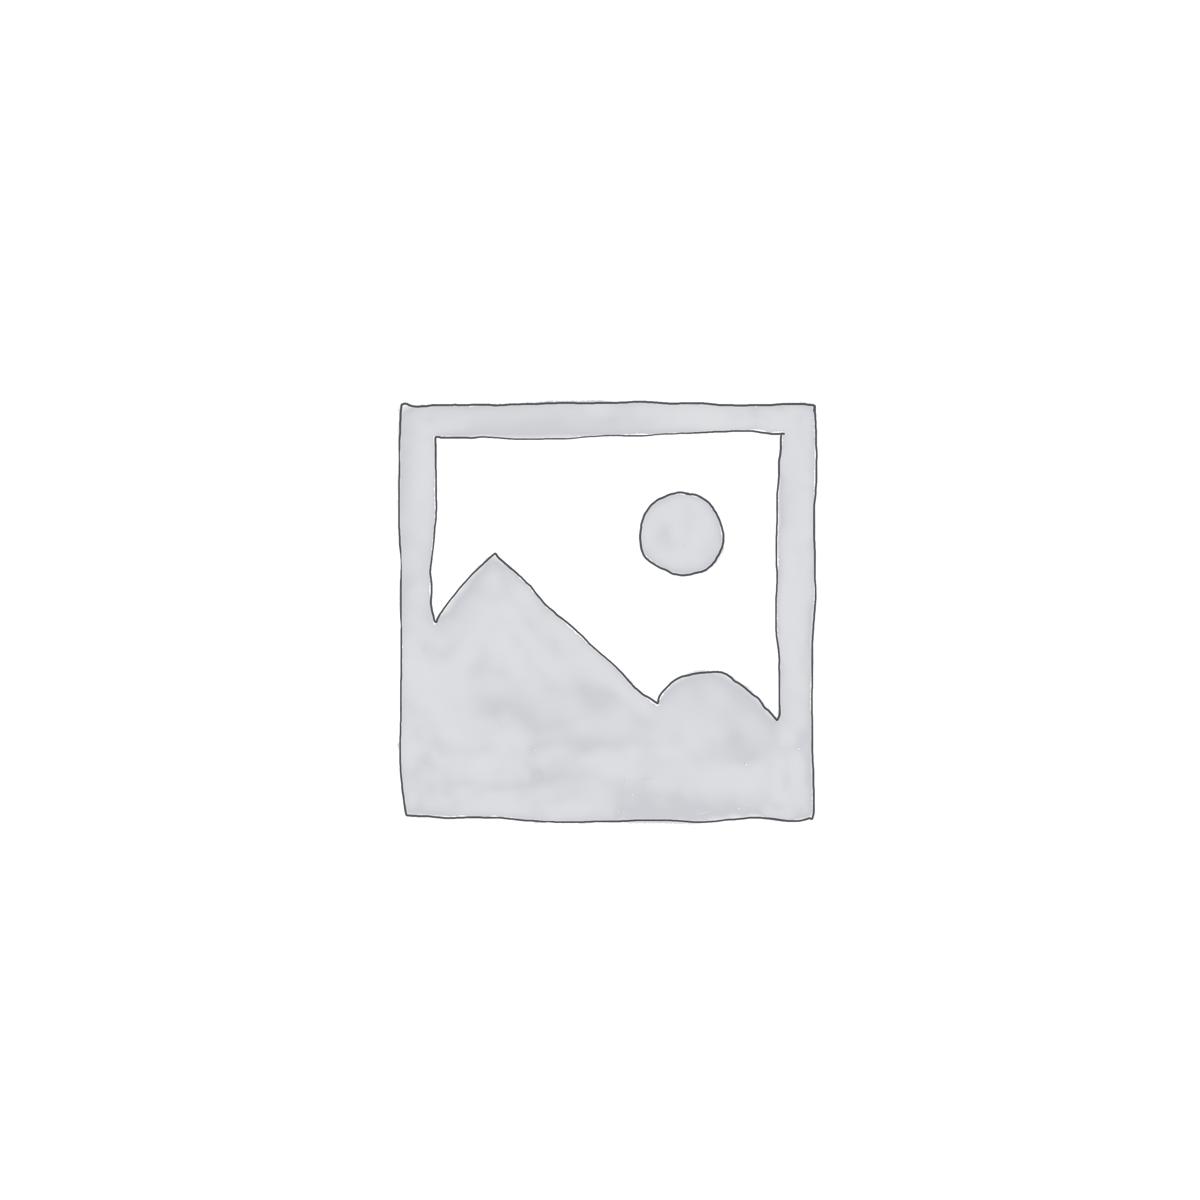 Pink Lotus Flowers Wallpaper Mural